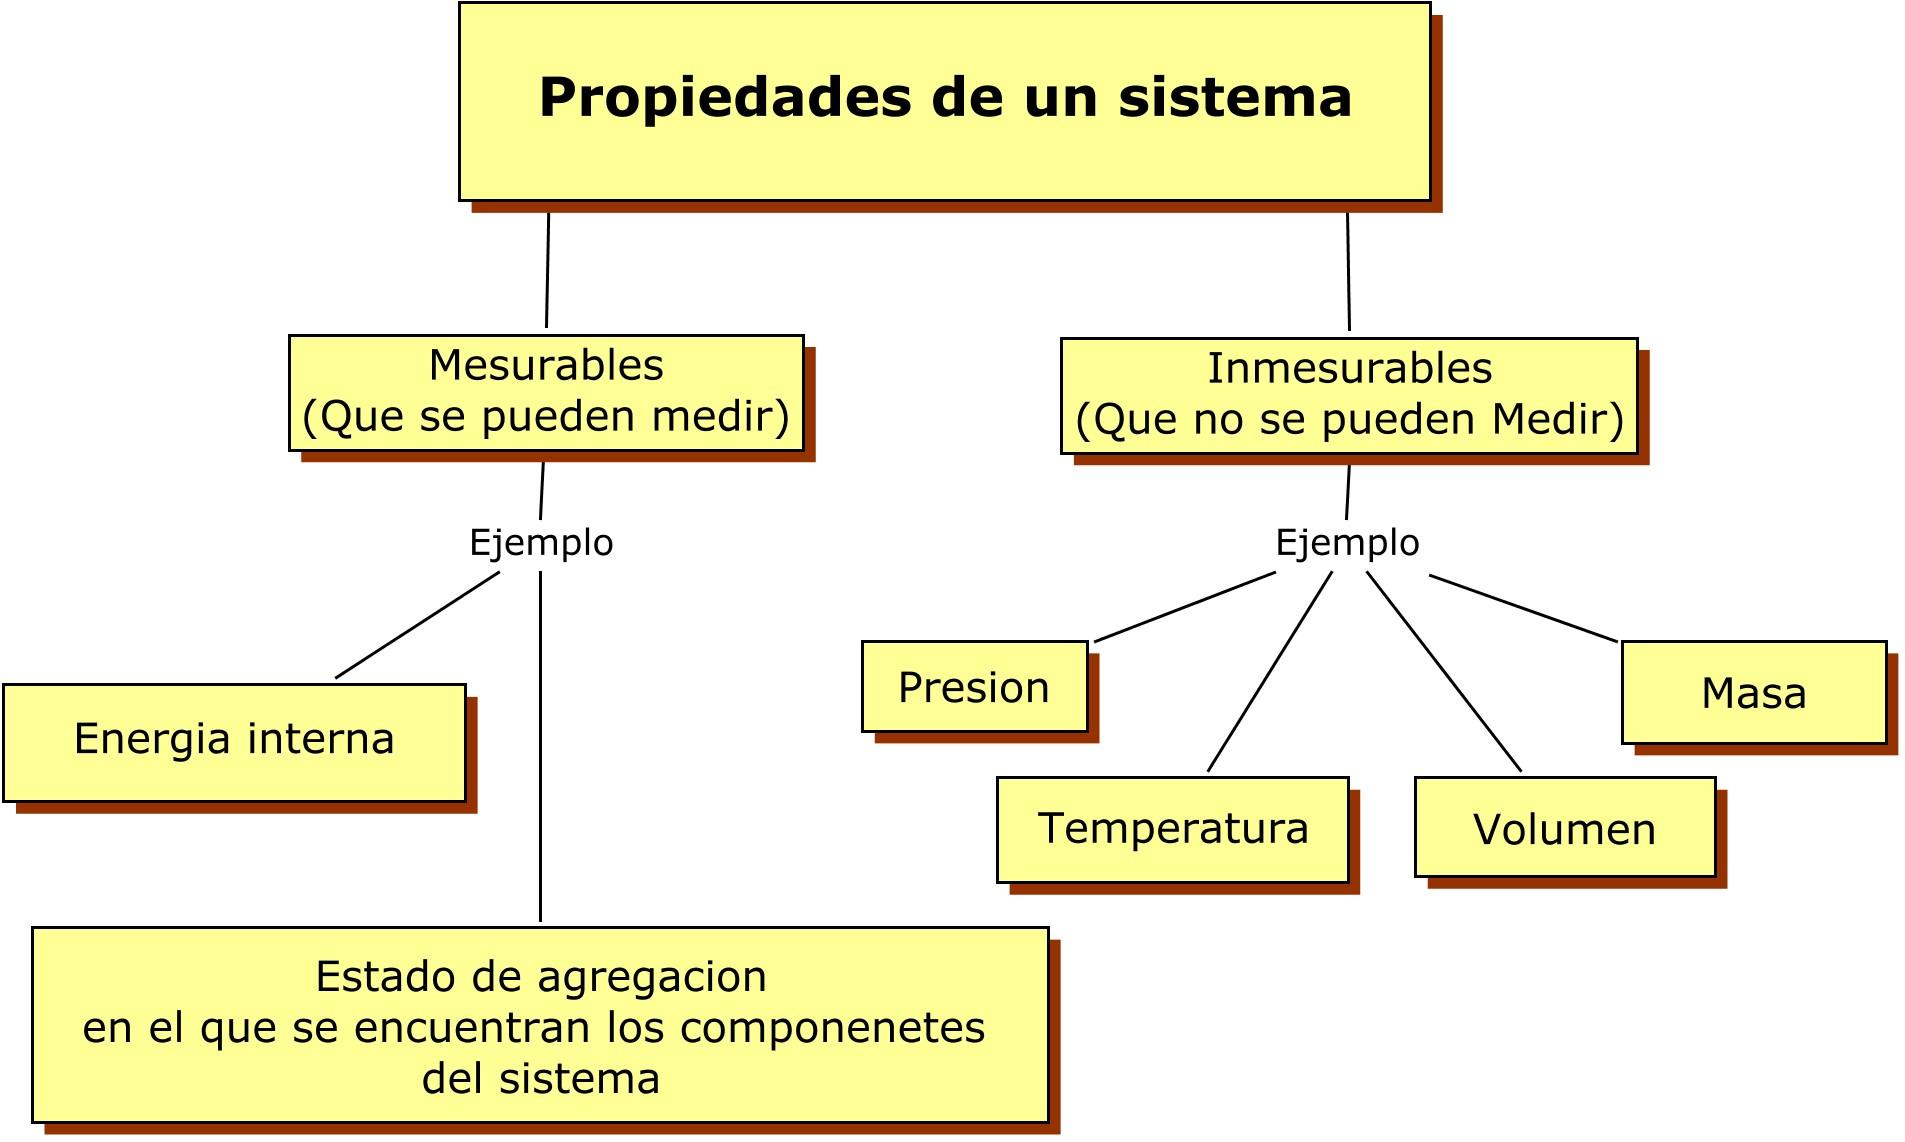 2 definici n de sistema termodin mico y ecuaci n de estado for Inmobiliaria definicion